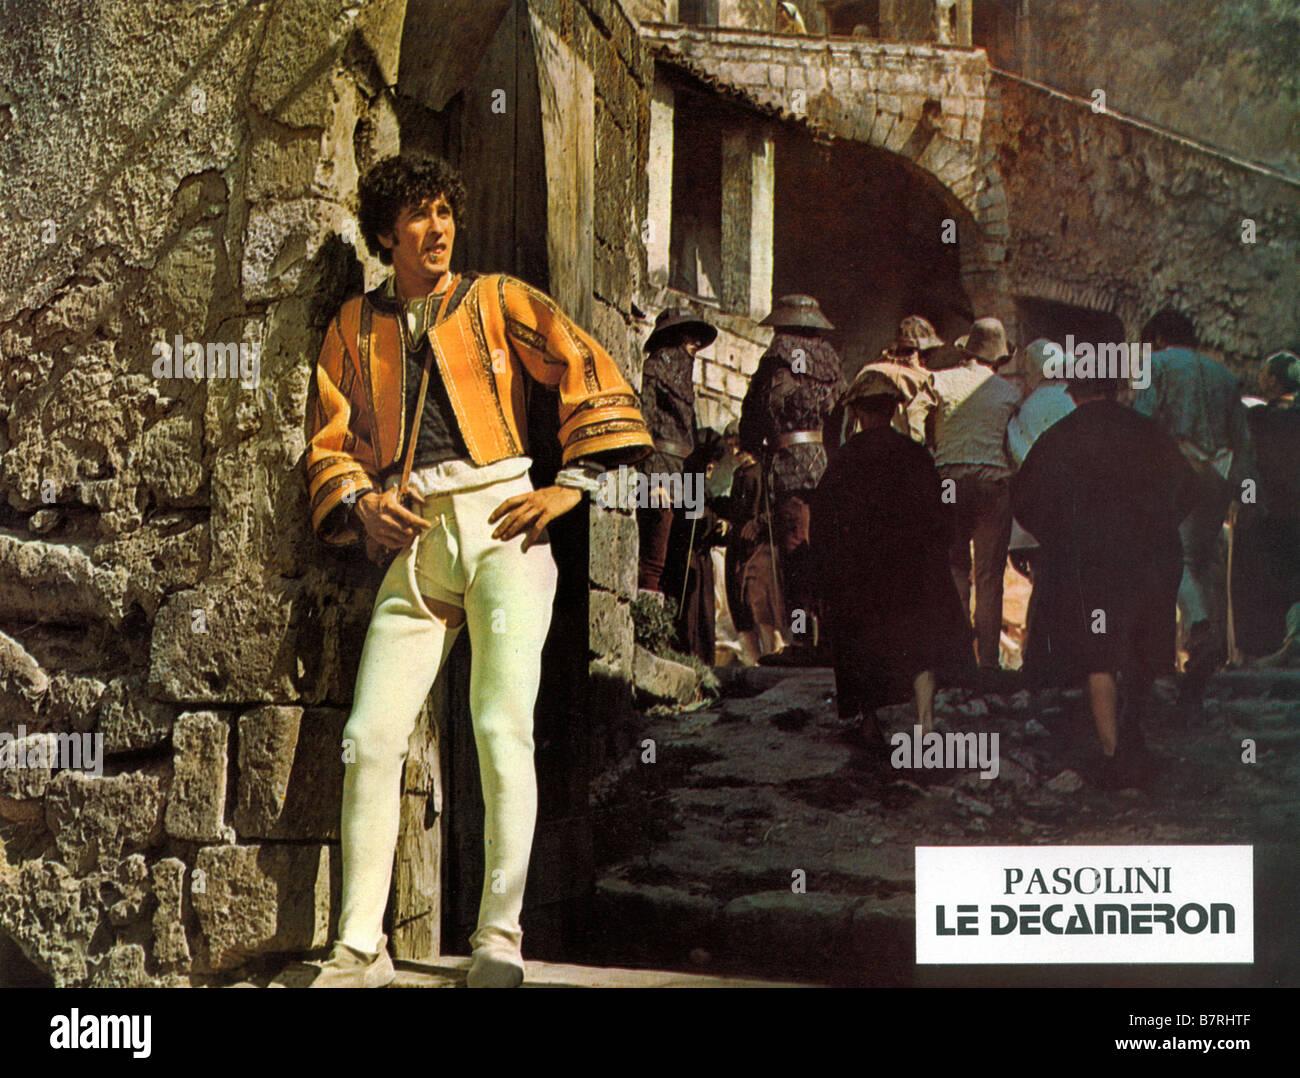 El Decameron 1971